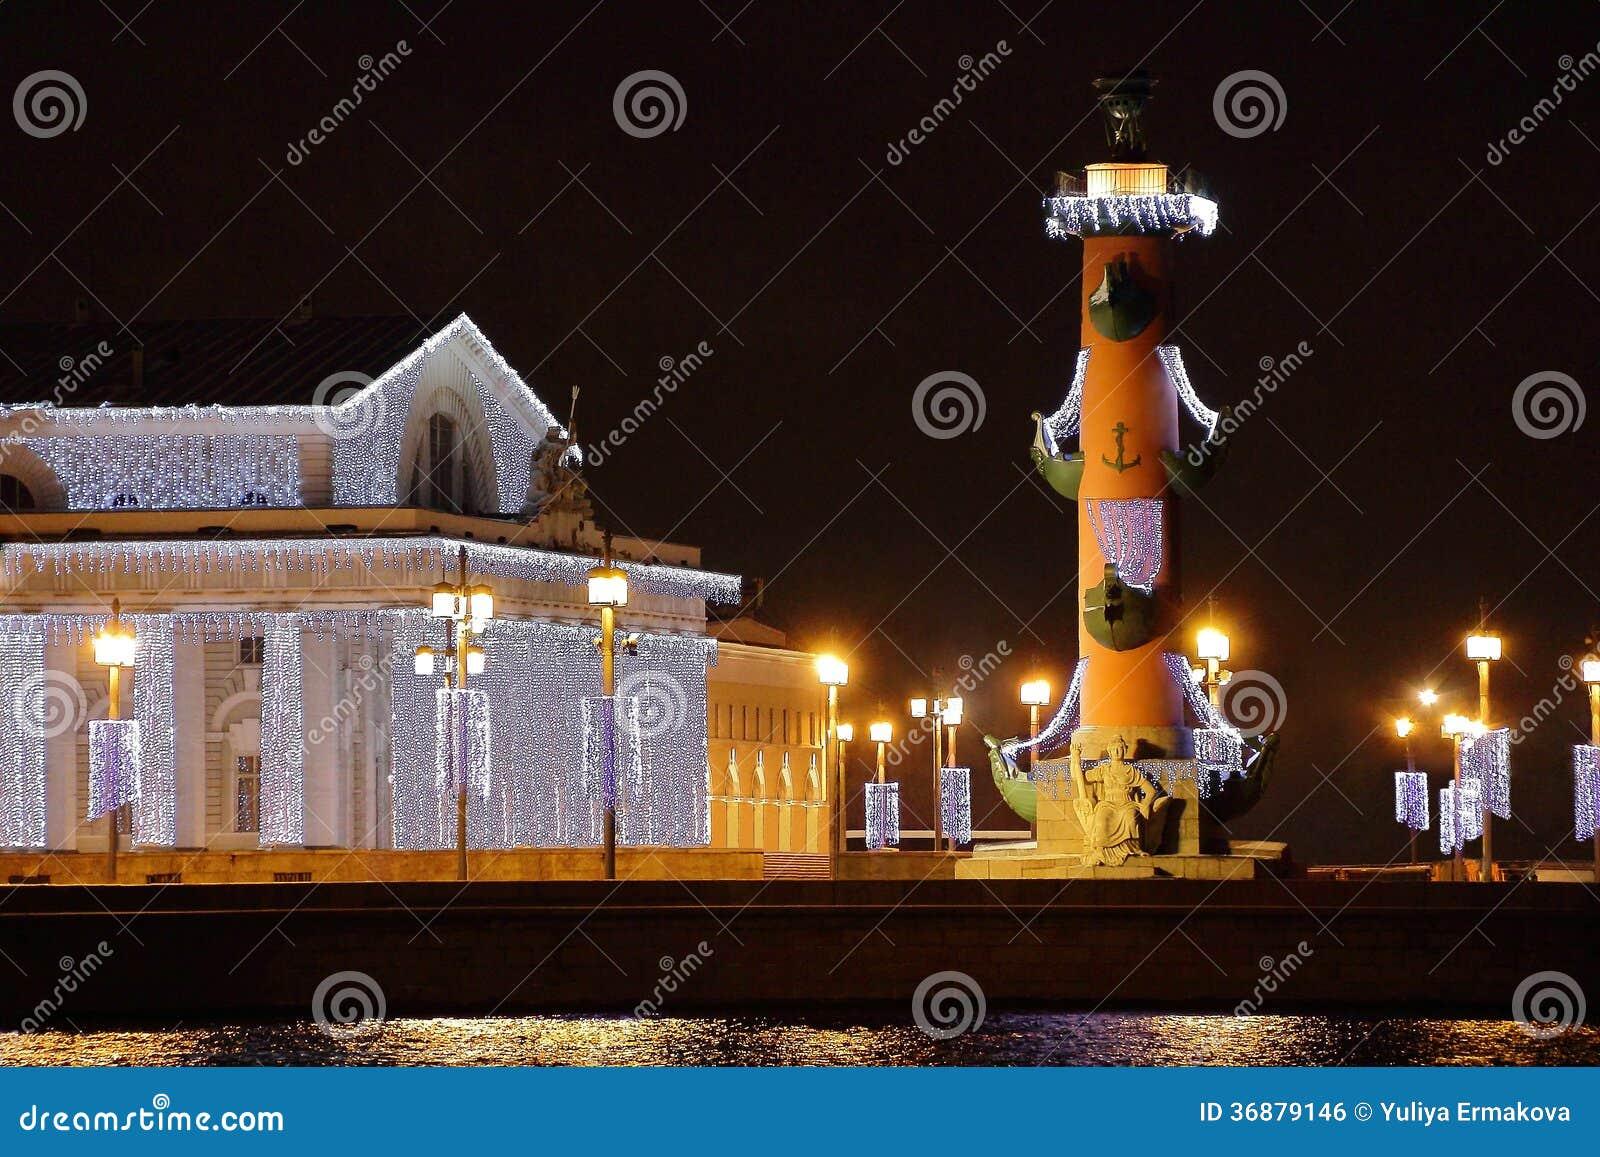 Download Paesaggio Di Notte In Sankt Pietroburgo Fotografia Stock - Immagine di scultura, petersburg: 36879146